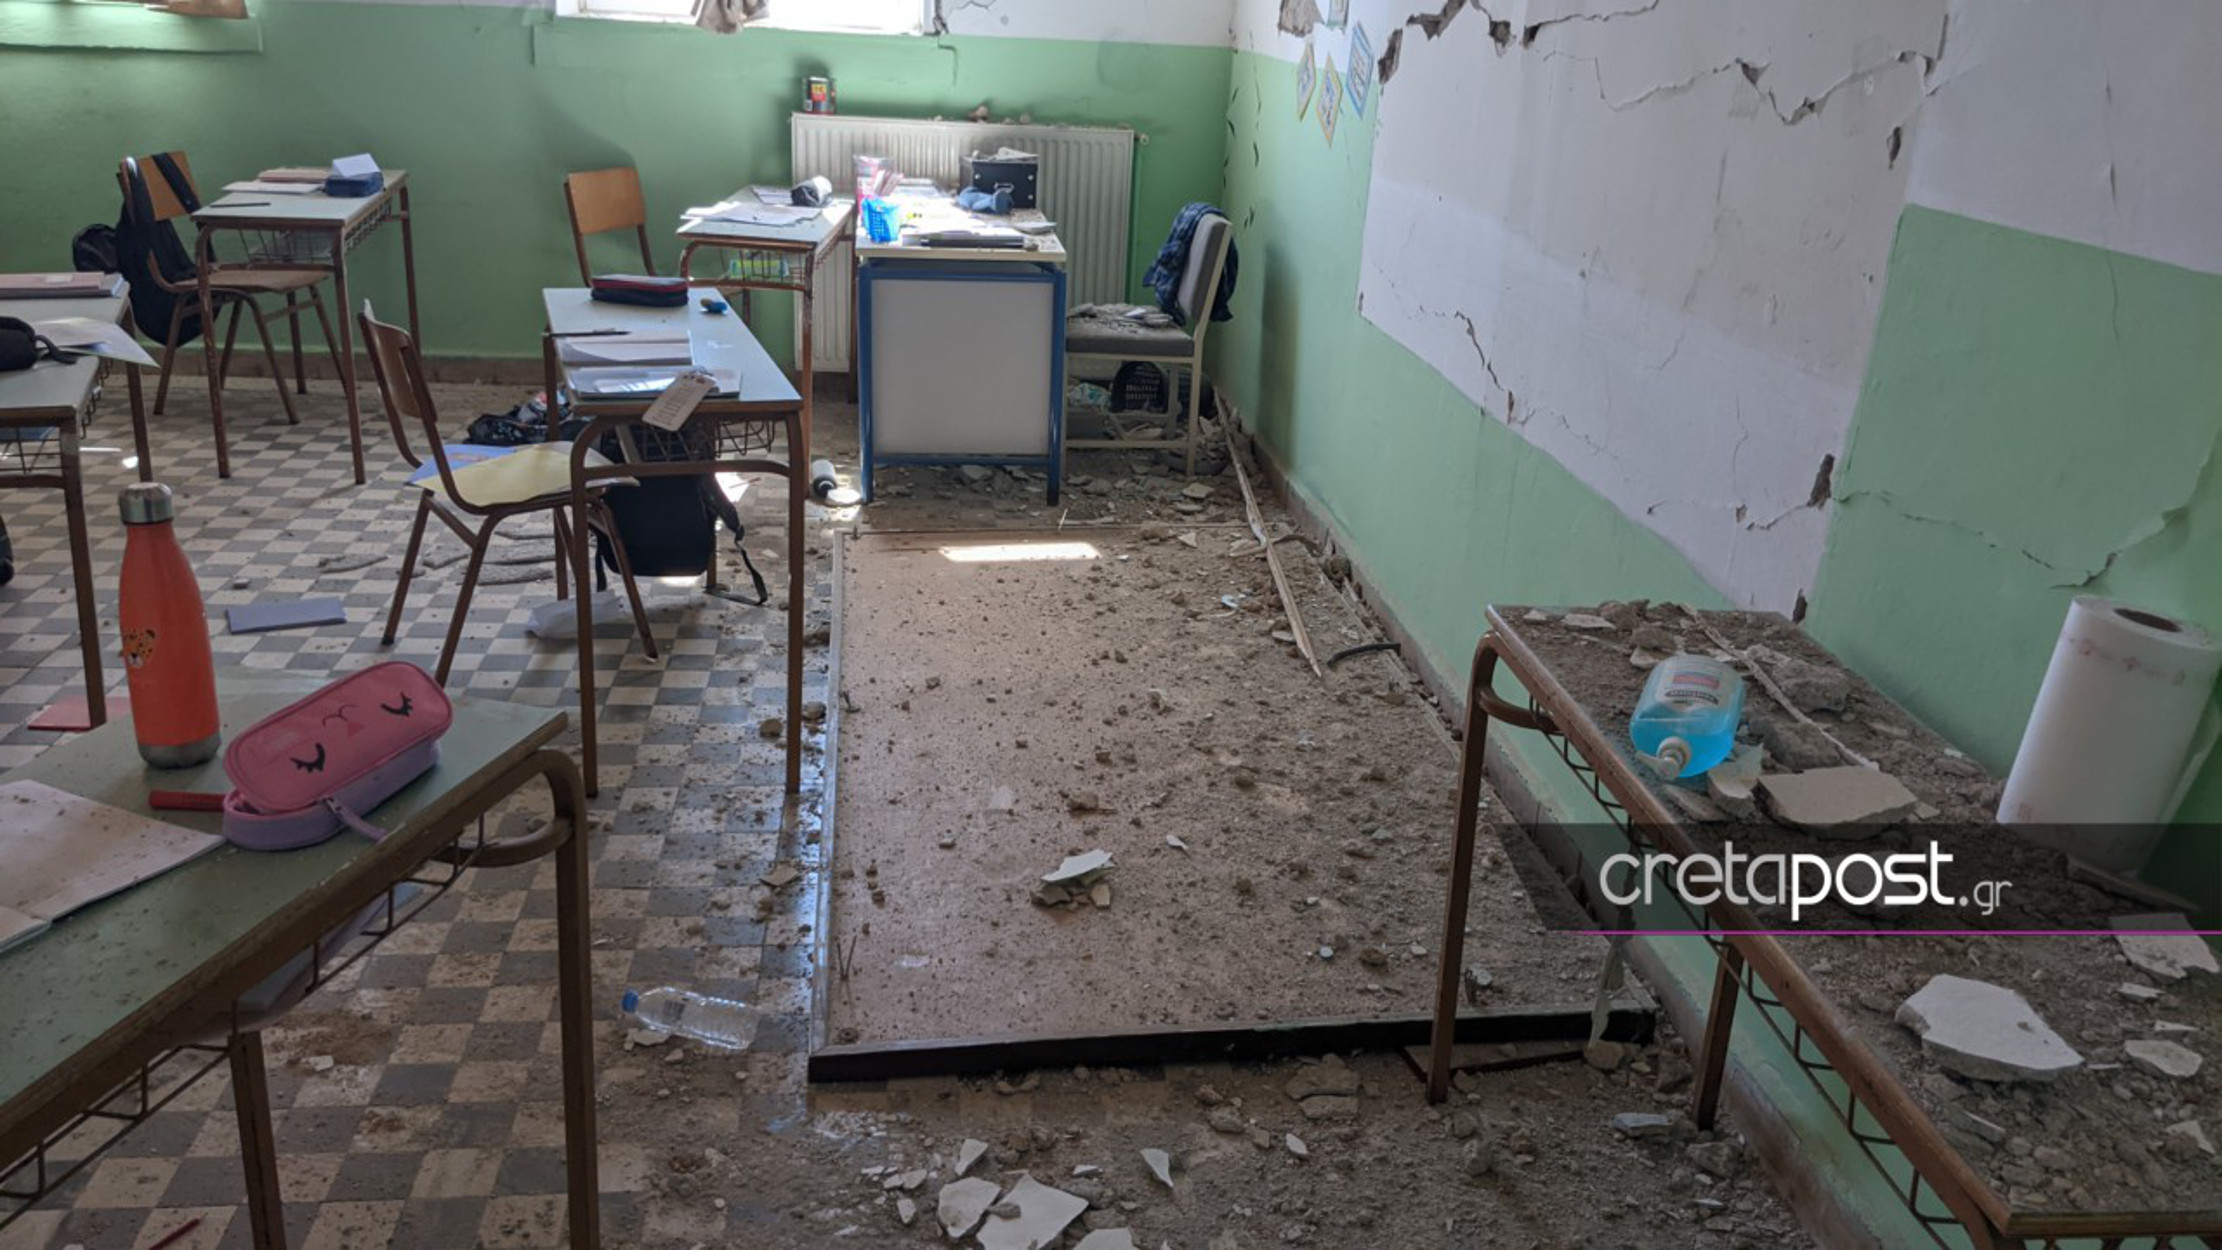 Σεισμός στην Κρήτη: Άλλη μια νύχτα που η γη «έτρεμε» από μετασεισμούς – 89 σχολεία έχουν πρόβλημα